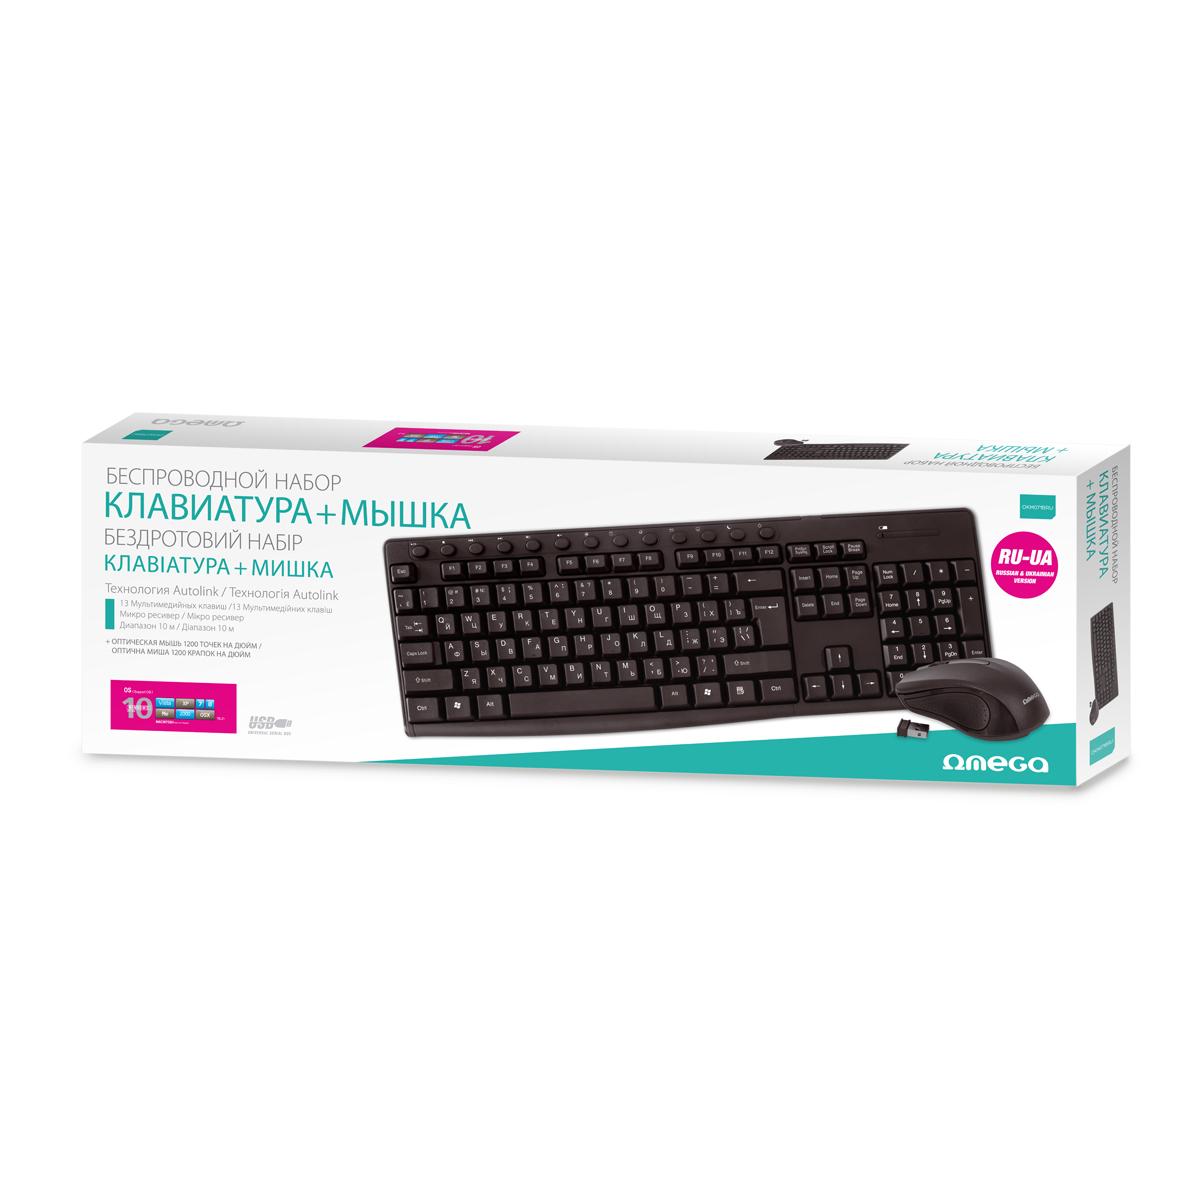 Omega Wireless Desktop Russian - keyboard and mouse set OKM071B met multi-media keys 2.4GHZ black